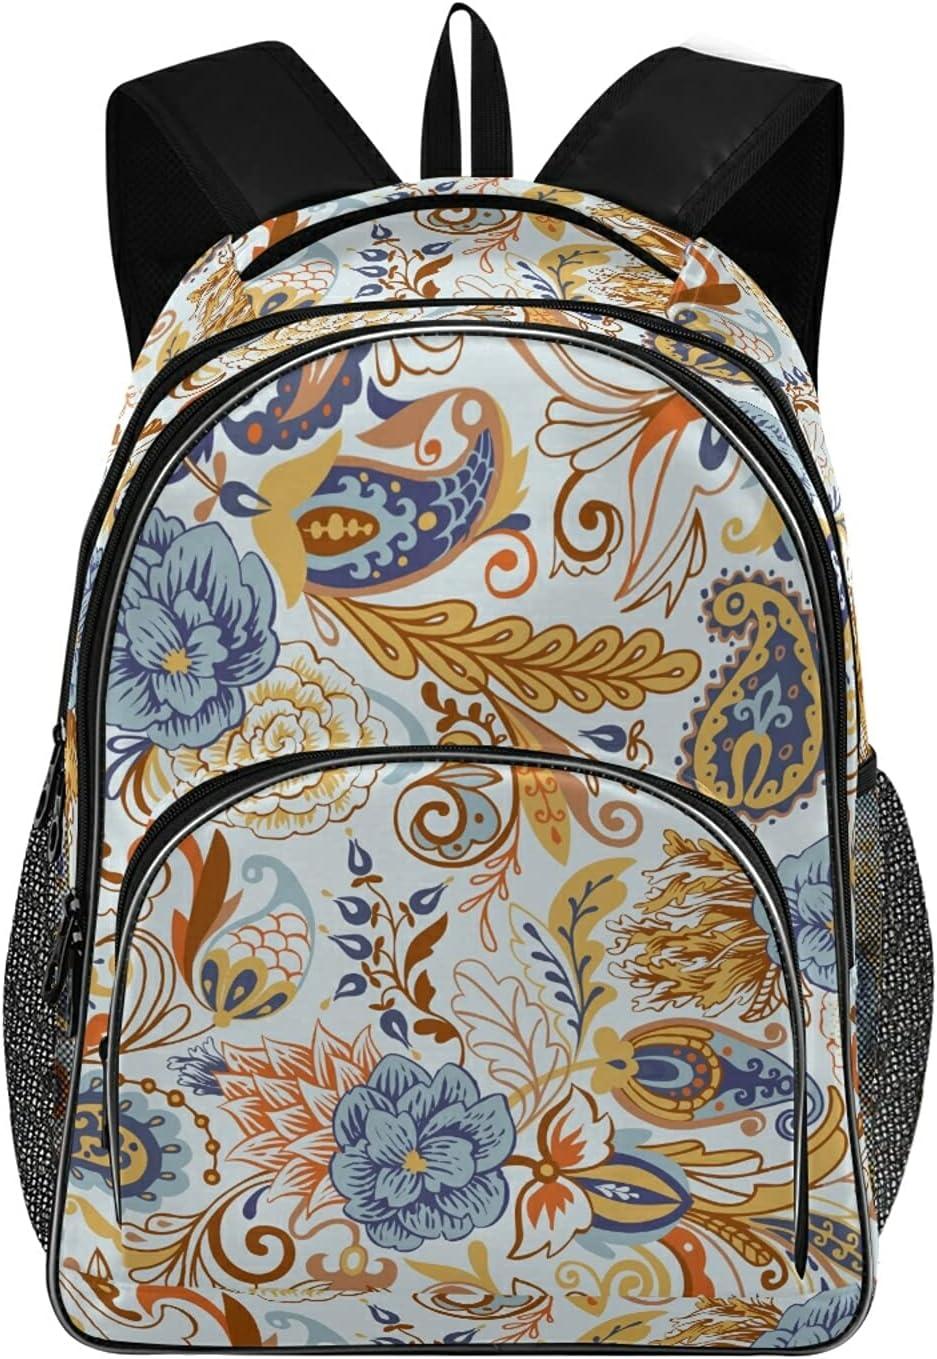 School Backpack Bookbag Laptop Daypack Import Schoolbag for Oakland Mall Women Girls